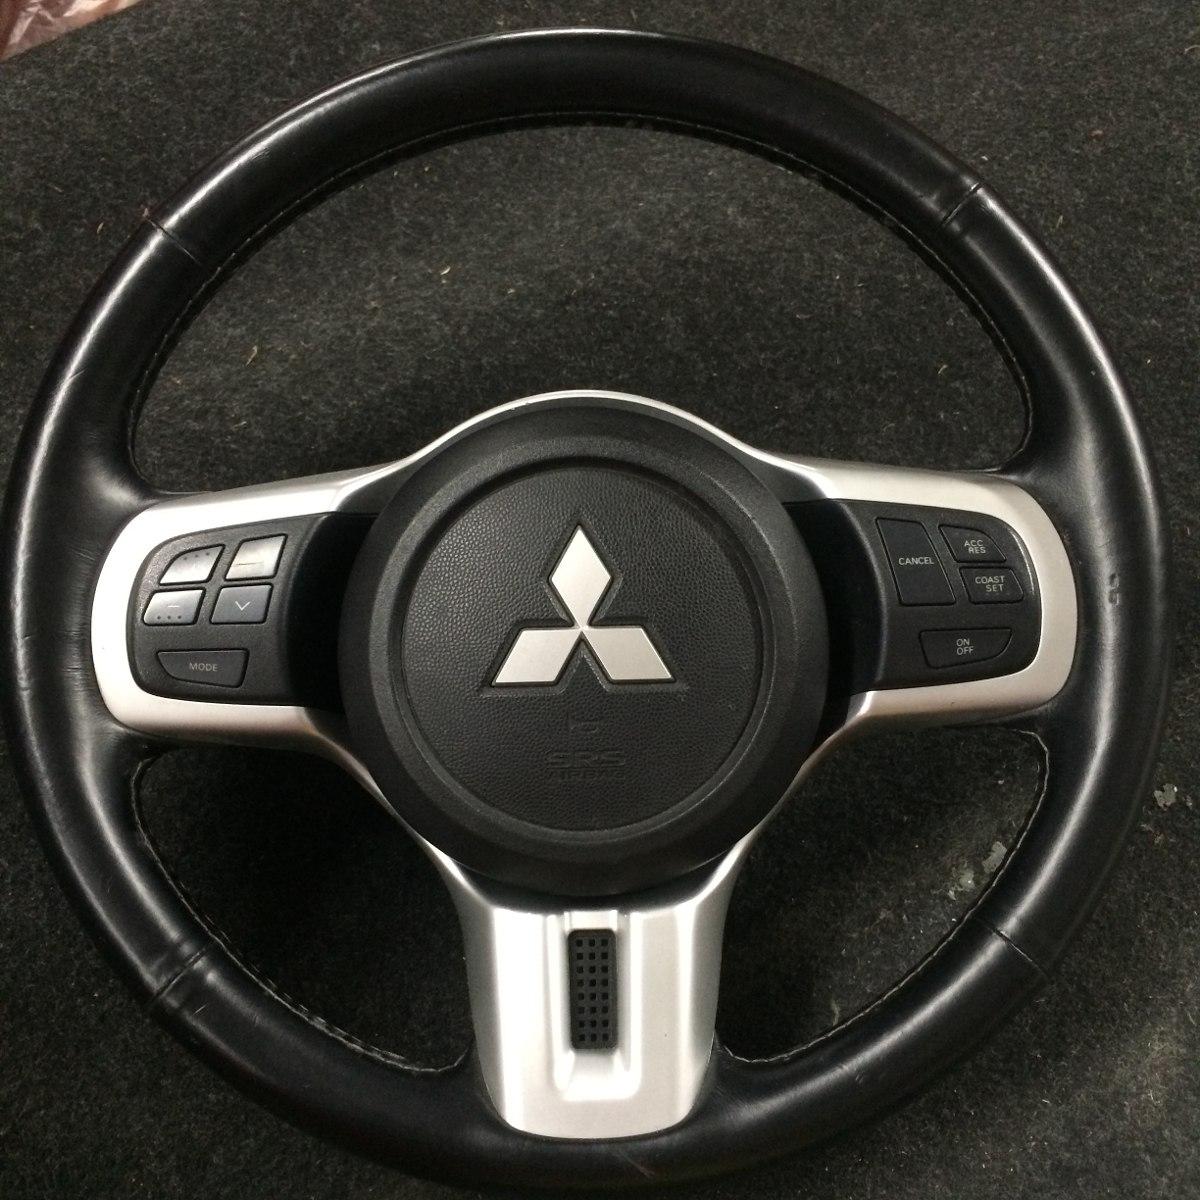 Volante Original Mitsubishi Lancer Evolution X Com Airbag. Carregando Zoom.